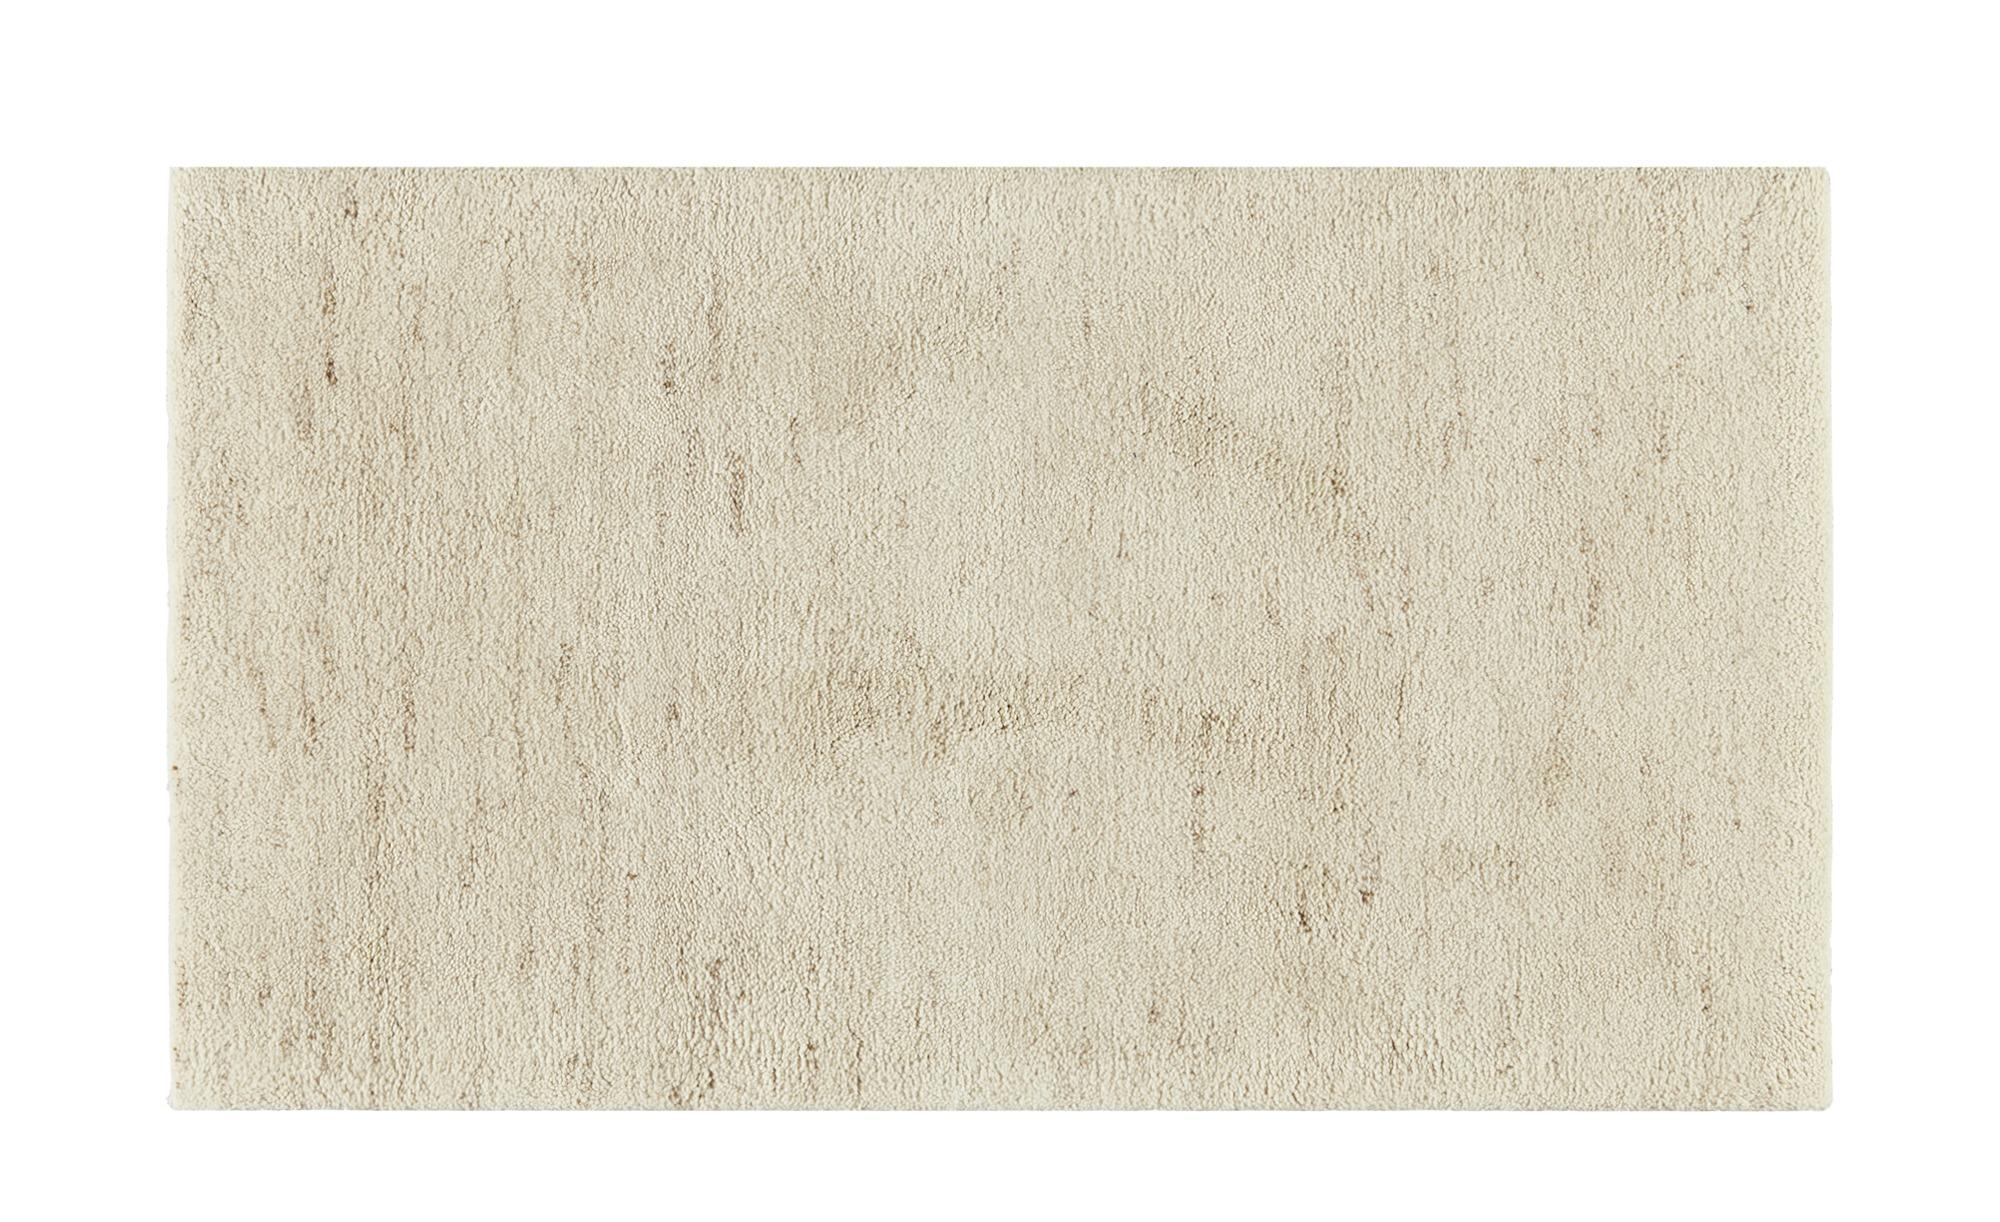 Berber-Teppich  Marrakesh double ¦ creme ¦ Wolle| 100% Wolle ¦ Maße (cm): B: 90 Teppiche > Wohnteppiche > Naturteppiche - Höffner | Heimtextilien > Teppiche > Berberteppiche | Möbel Höffner DE